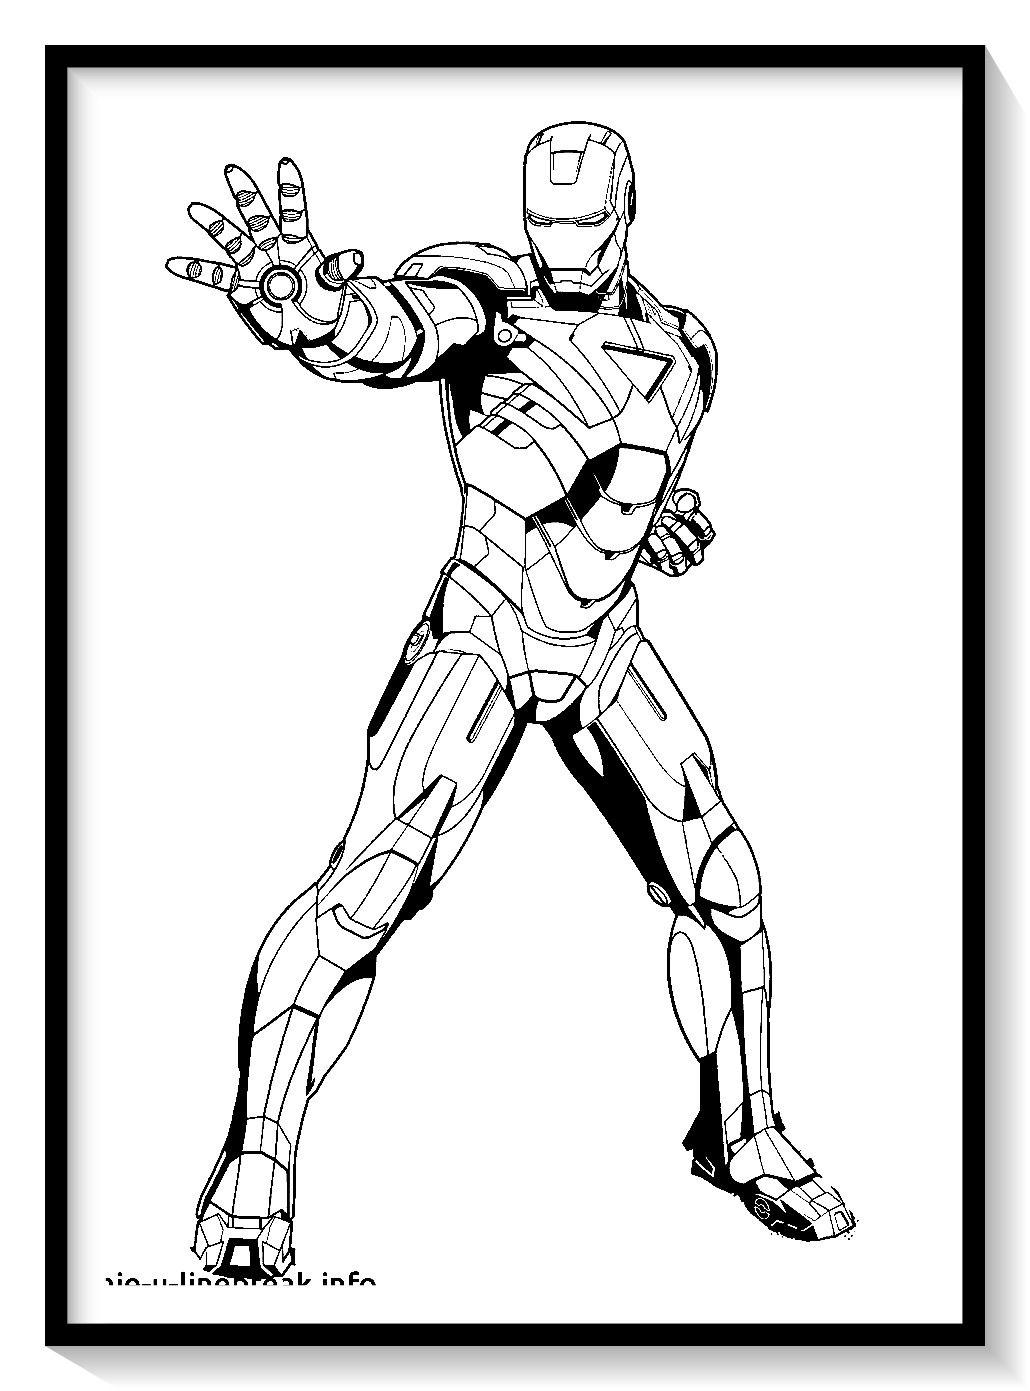 Dibujos De Iron Man Para Colorear En Linea Colorear E Imprimir Ironman Ironman Para Pintar Iron Man Para Colorear Ironman Dibujo Man